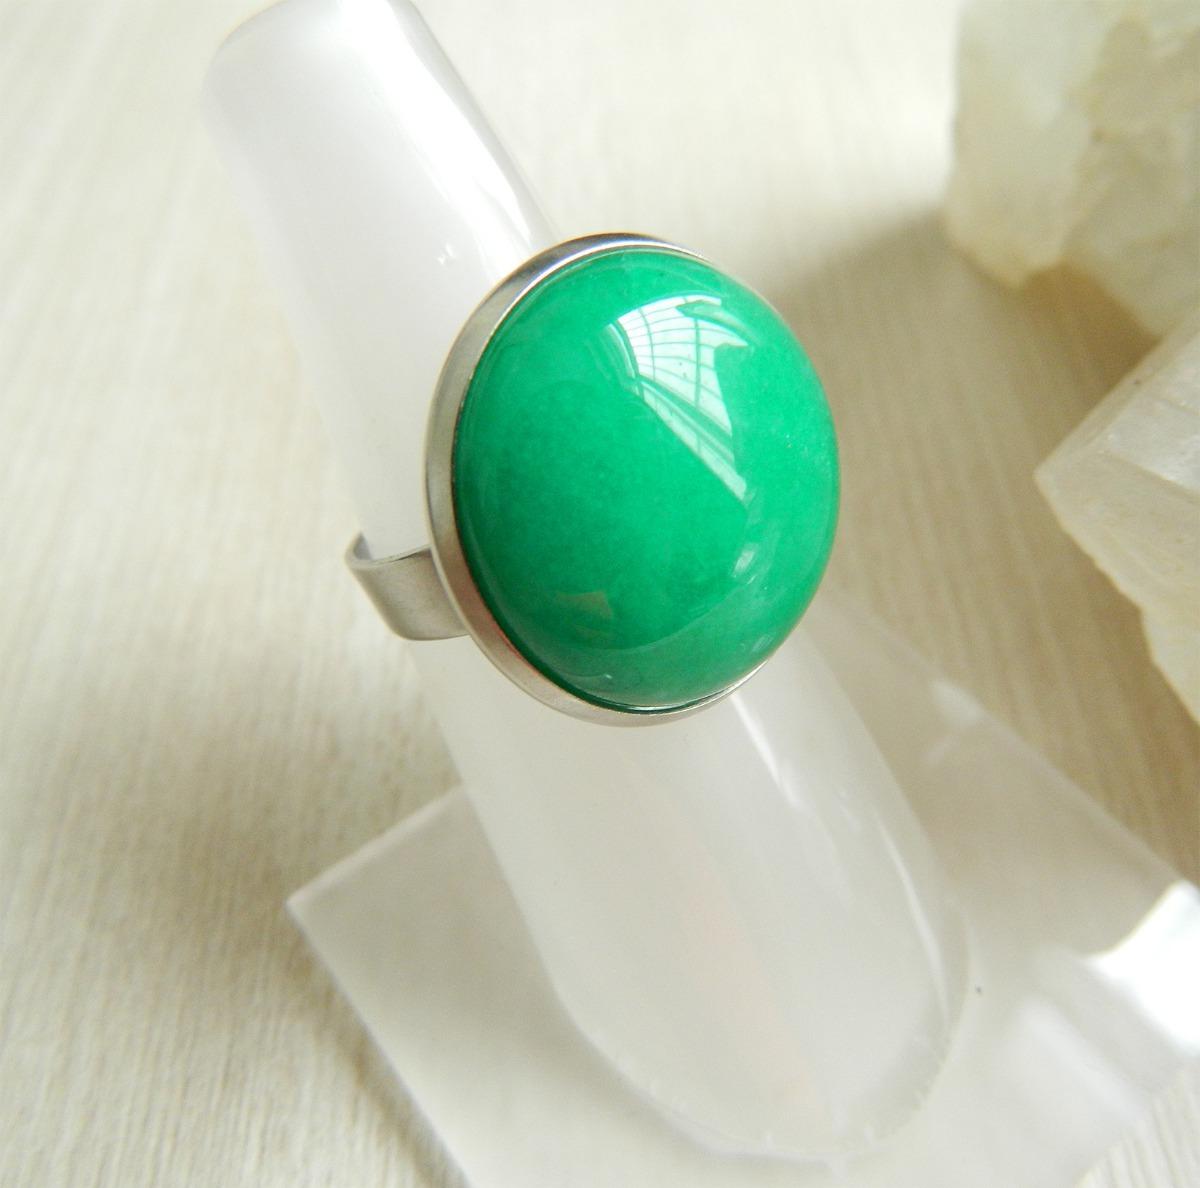 c7e8e2976b4 anel pedra ágata verde aço inoxidável regulável. Carregando zoom.